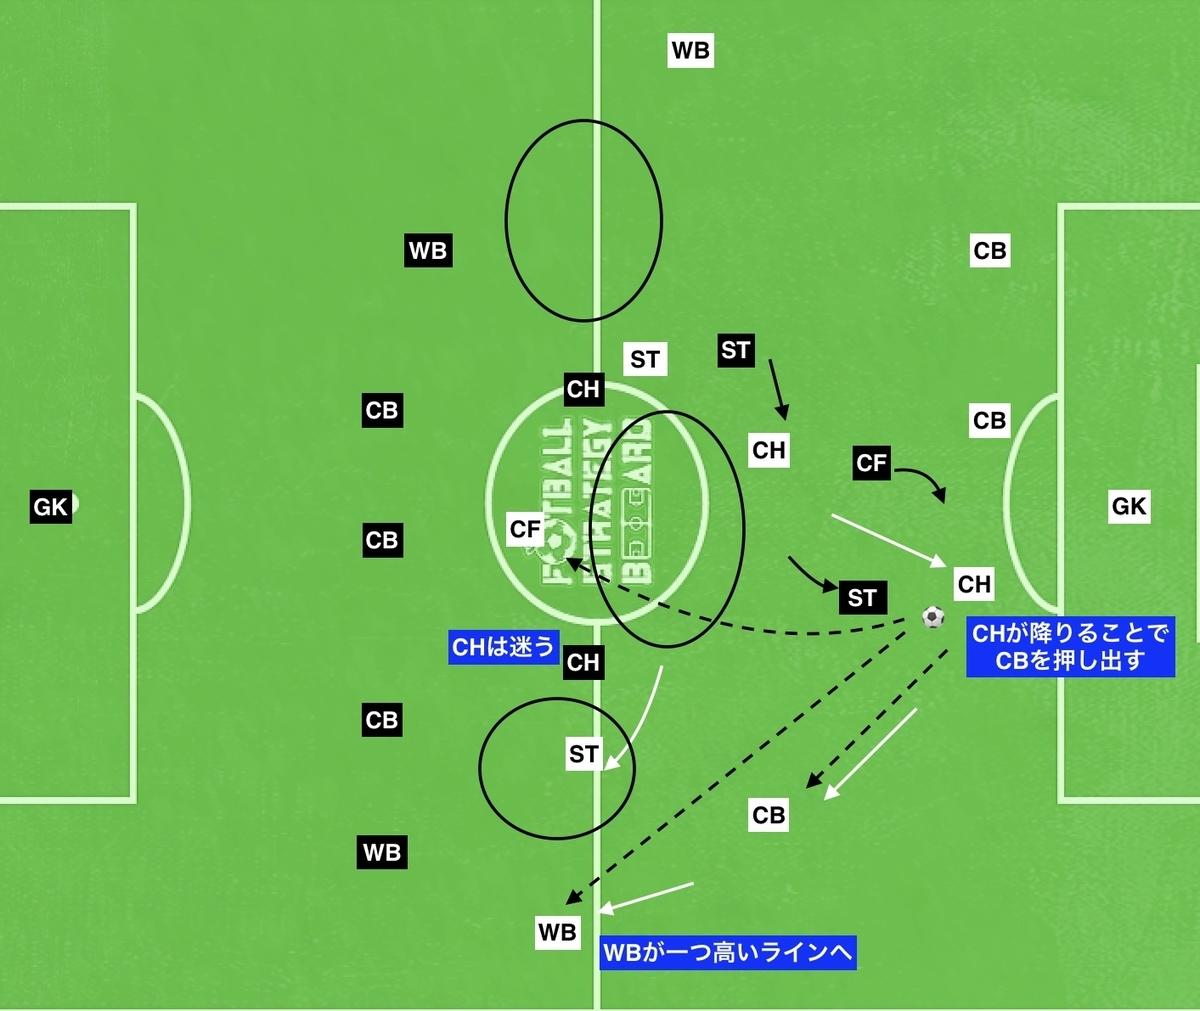 f:id:football-analyst:20190804215759j:plain